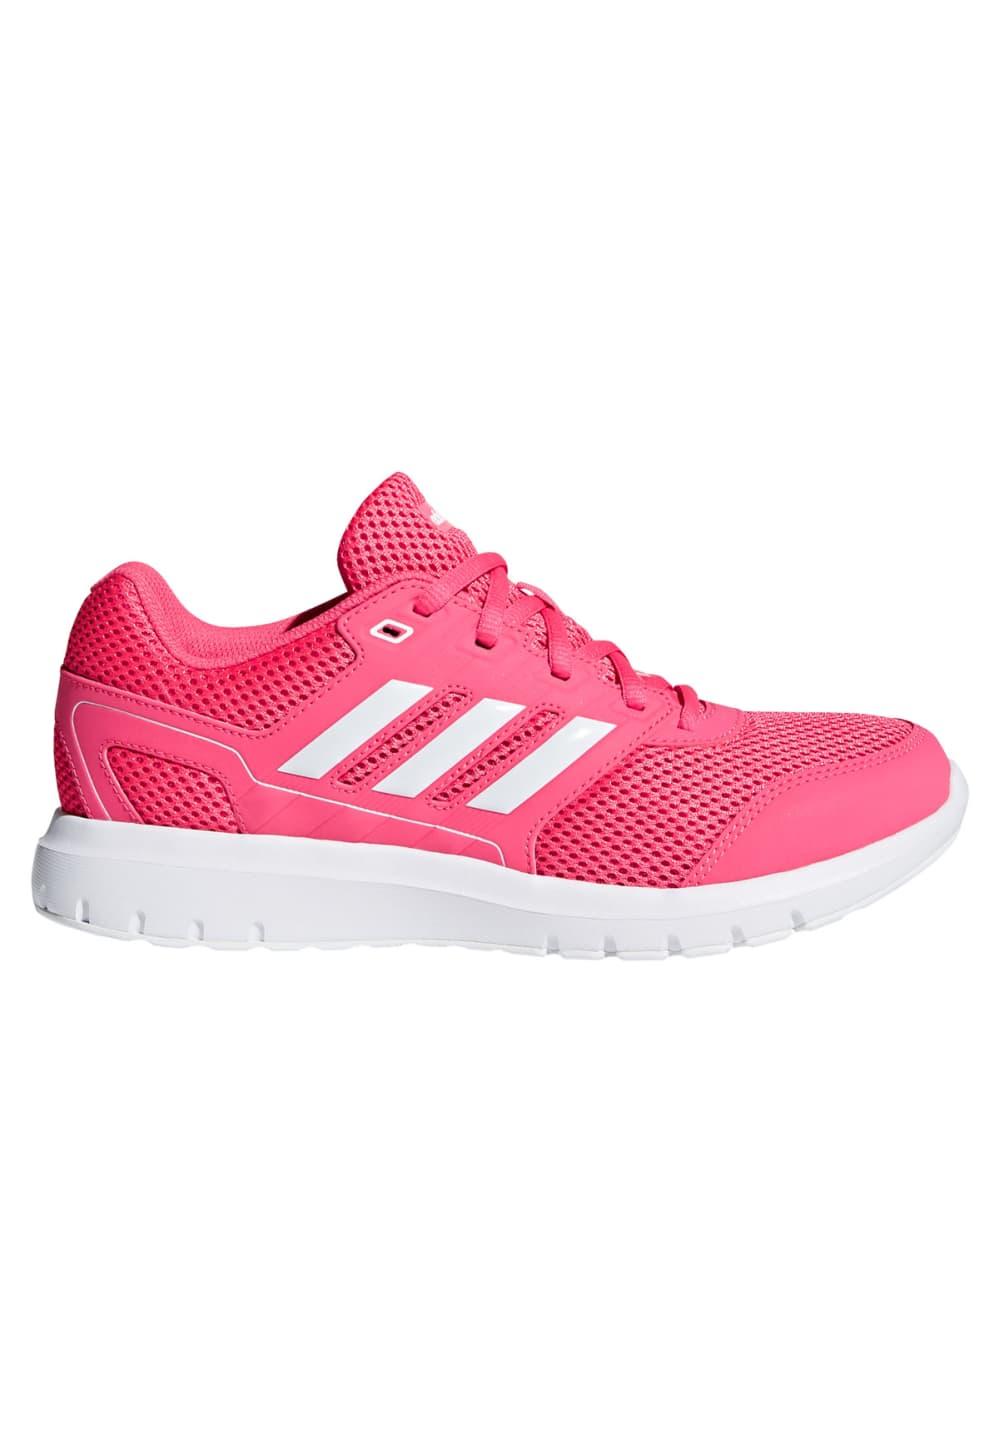 wholesale dealer 2de9f b7923 Next. -50%. Dieses Produkt ist derzeit ausverkauft. adidas. Duramo Lite 2.0  W - Laufschuhe für Damen